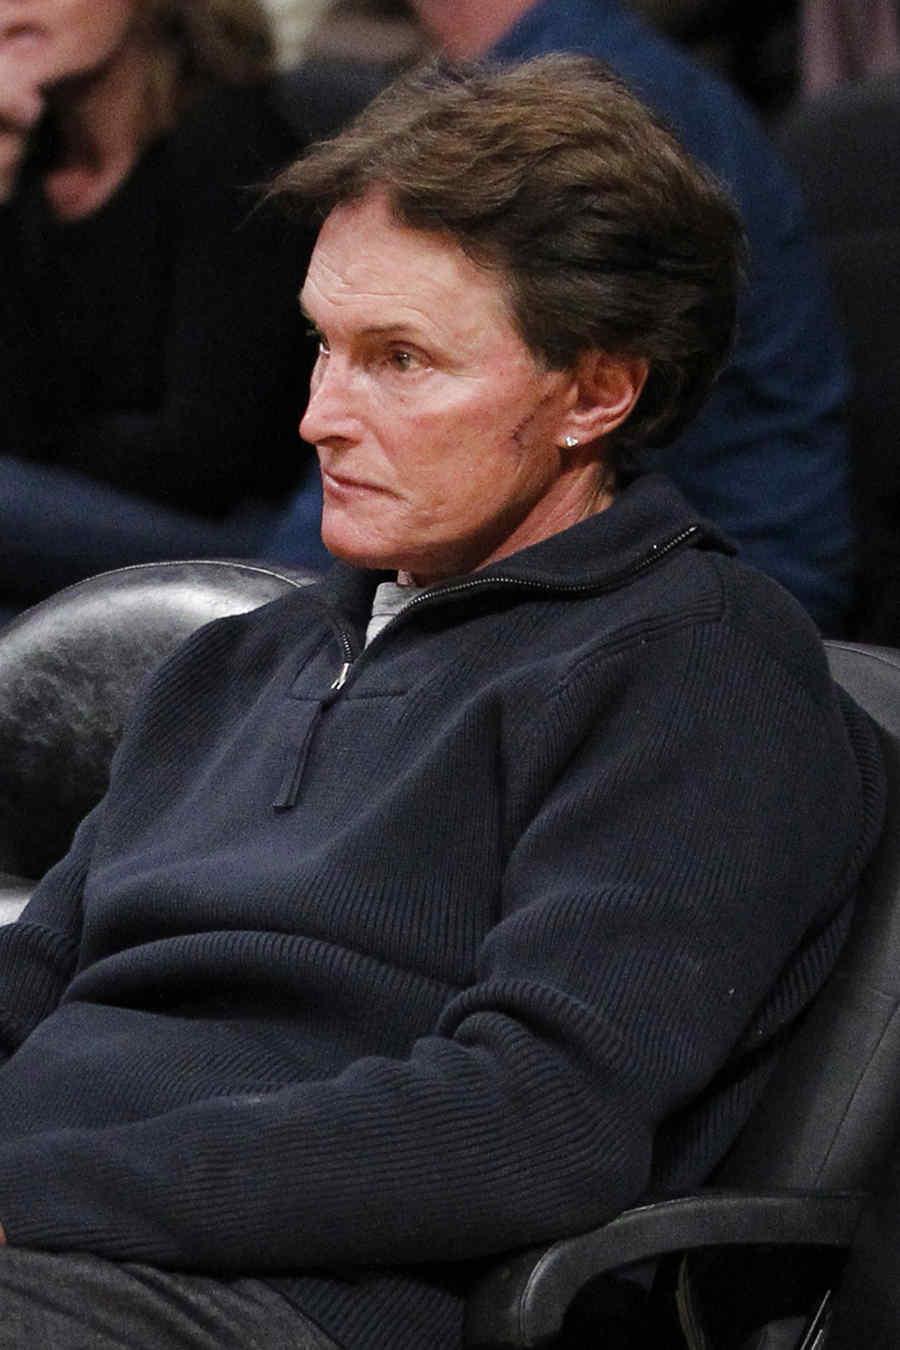 Bruce Jenner sentado en el partido de la NBA entre los Mavericks de Dallas y los Lakers de Los Angeles en Los Ángeles.